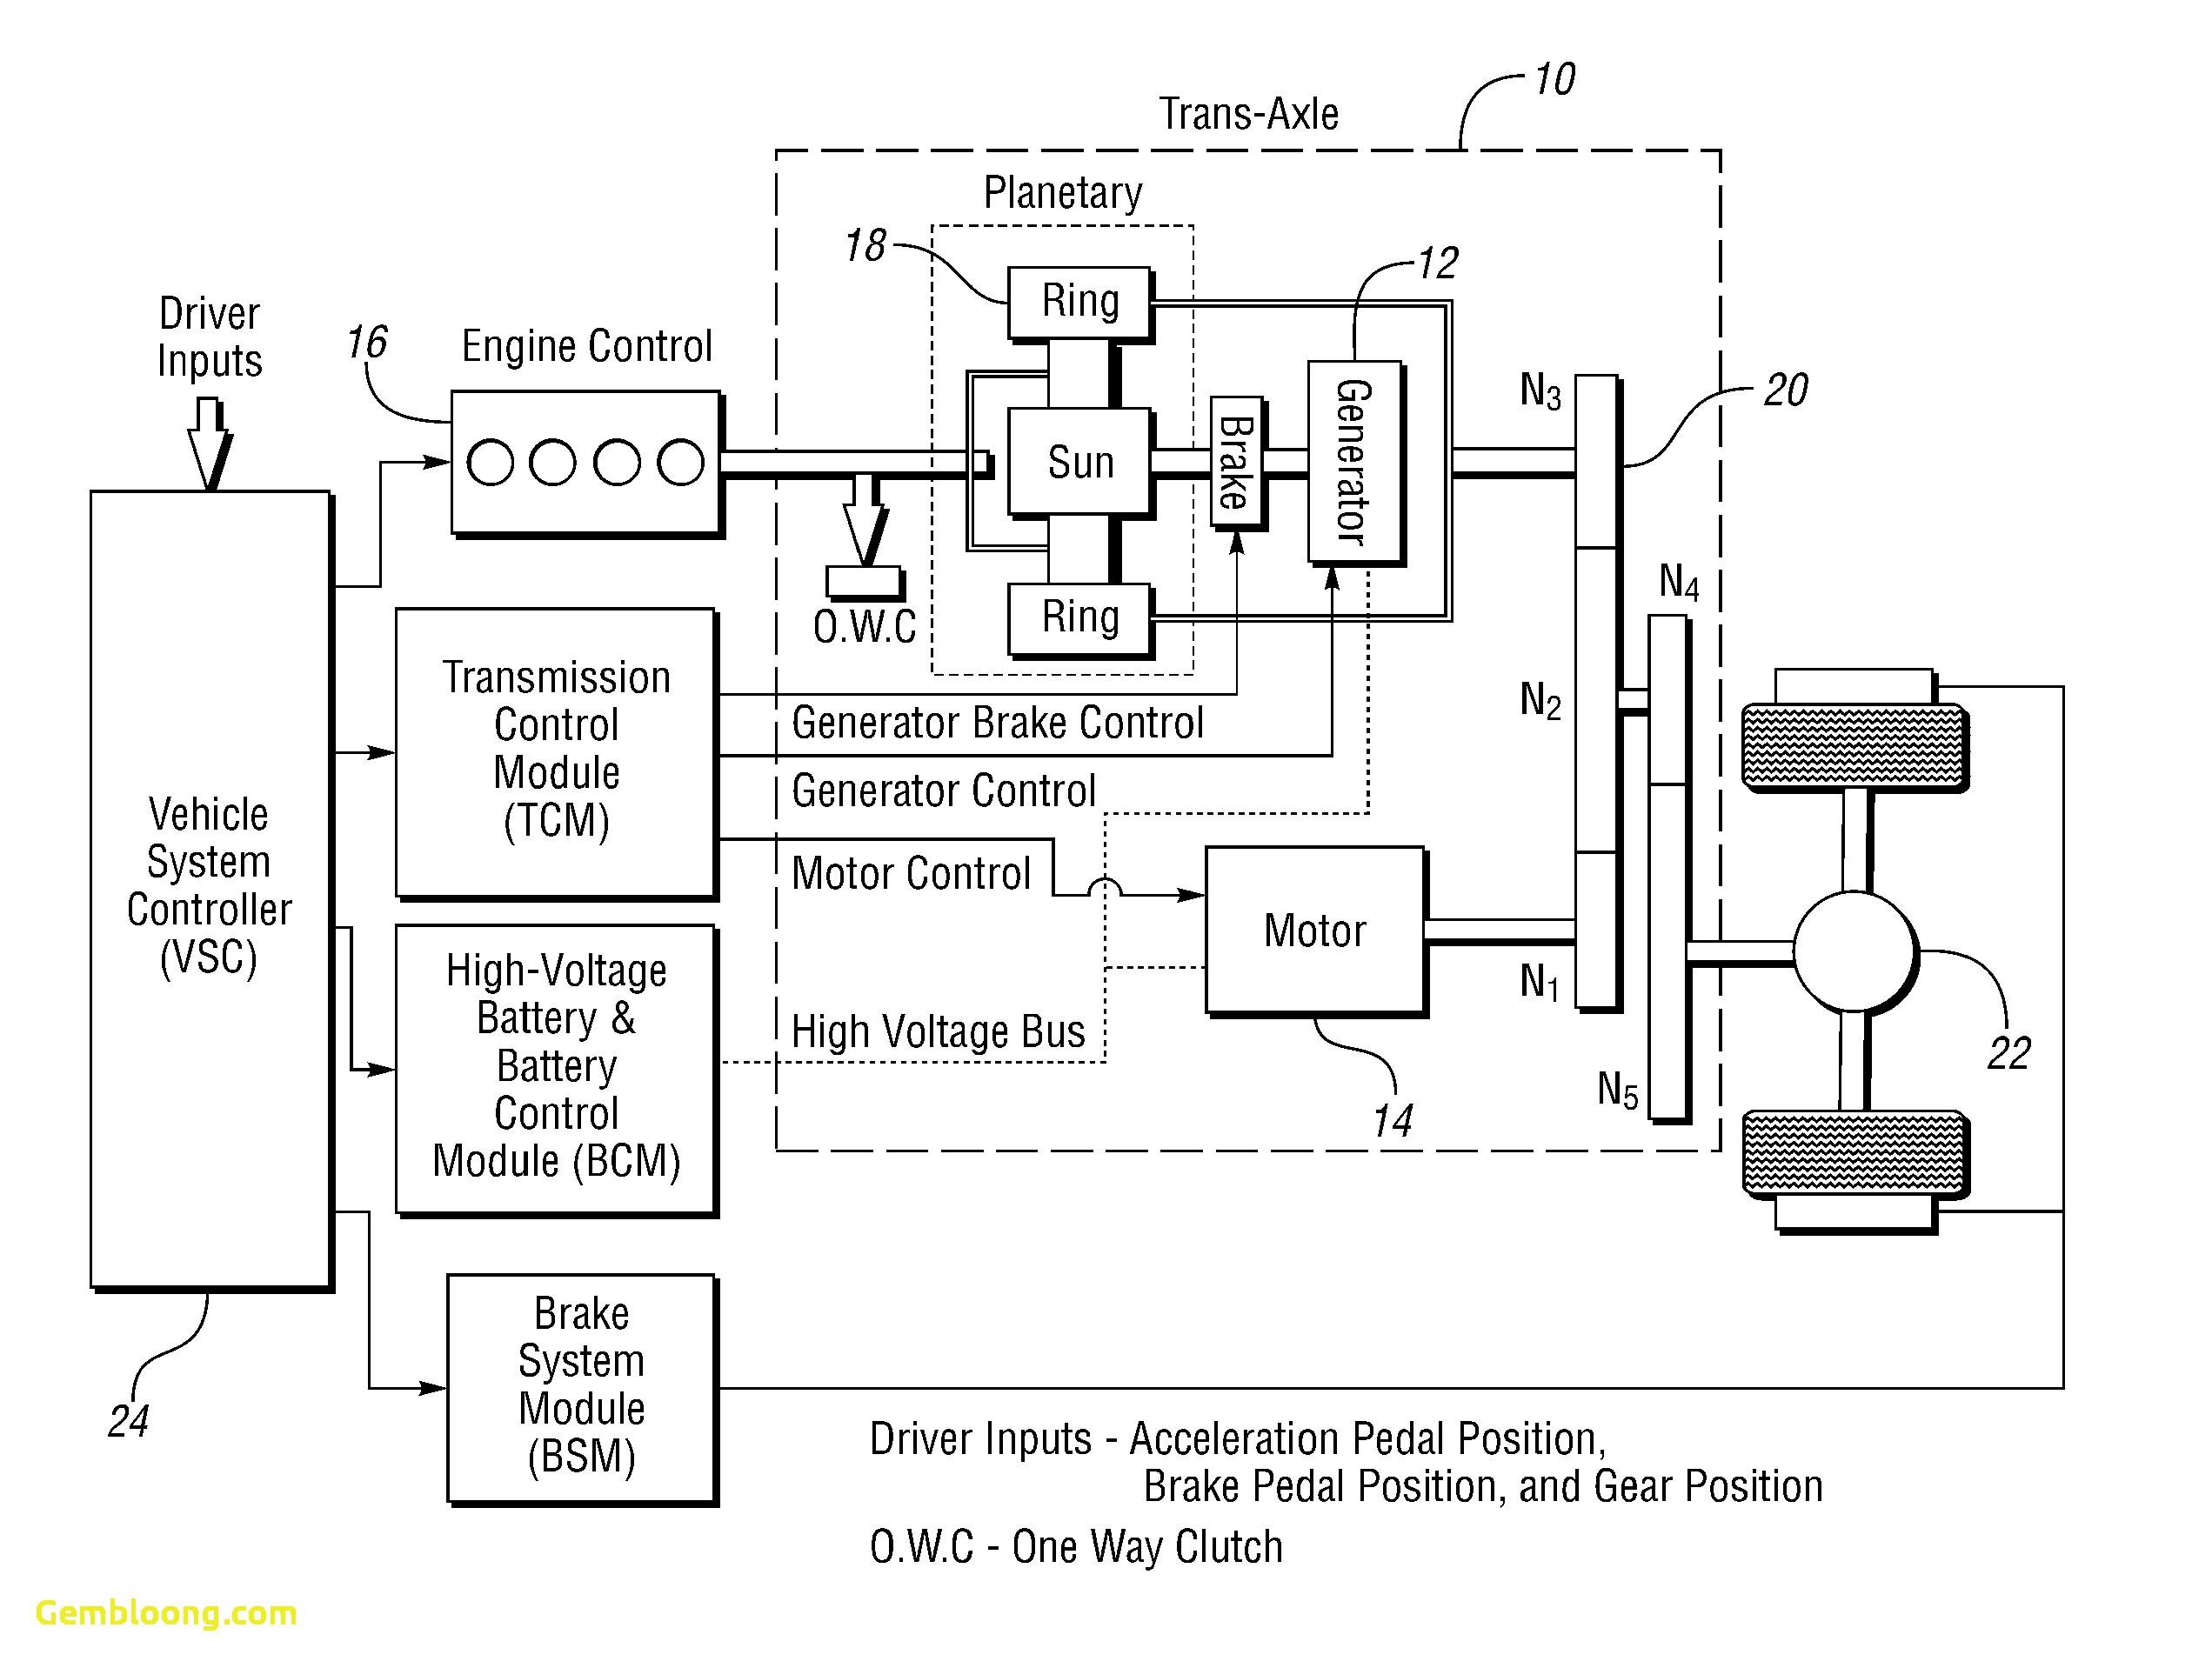 freightliner motorhome wiring diagram wiring diagram technicfreightliner motorhome dash wiring diagram wiring diagram toolbox